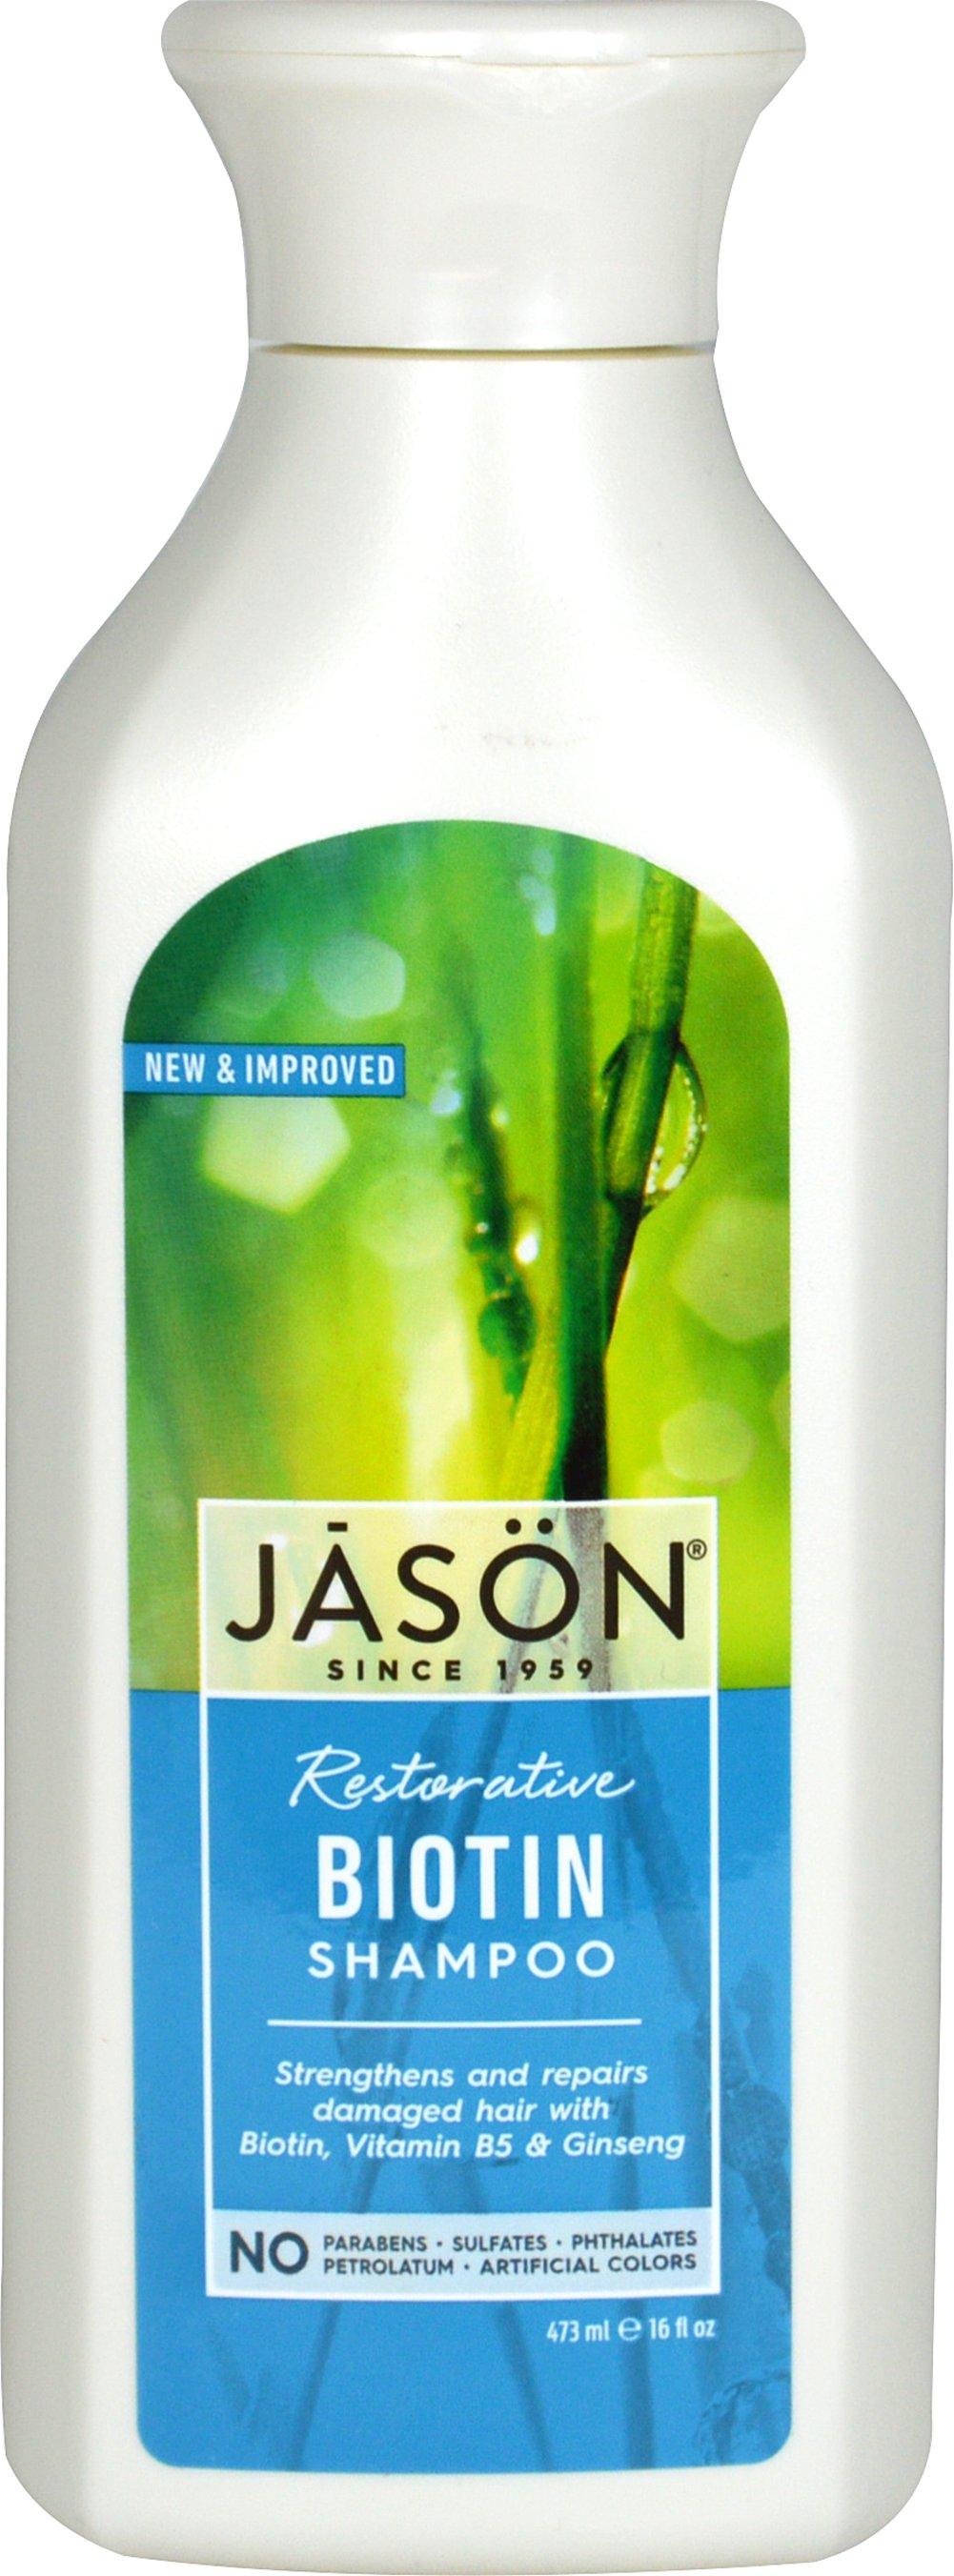 Jason Natural Biotin Hair Restorative Shampoo